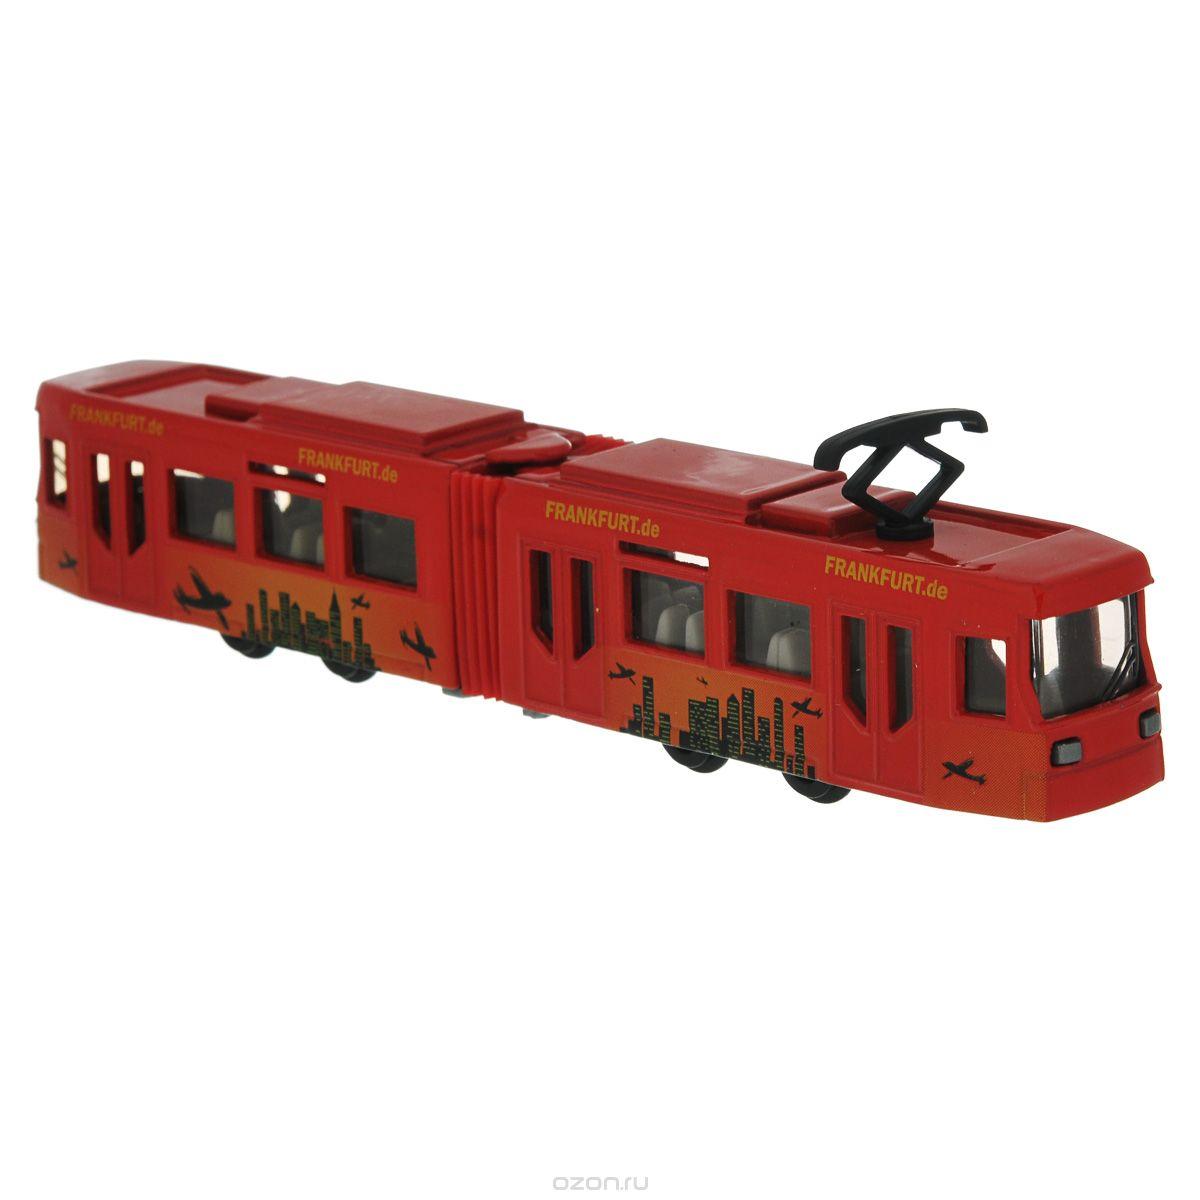 Siku Трамвай цвет красный конструкторы игрушки из дерева трамвай